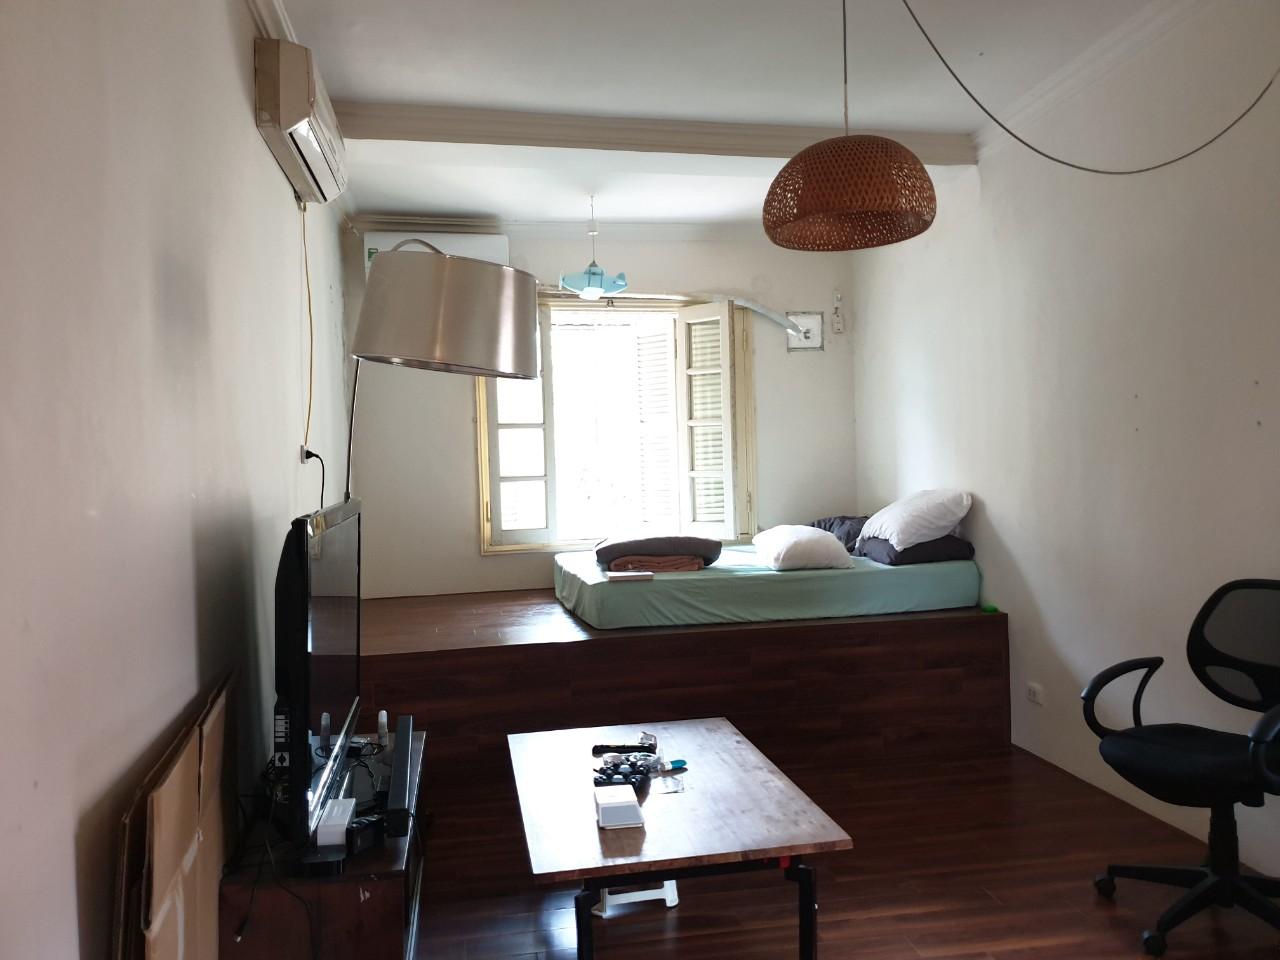 Bên trong căn hộ tập thể trước cải tạo